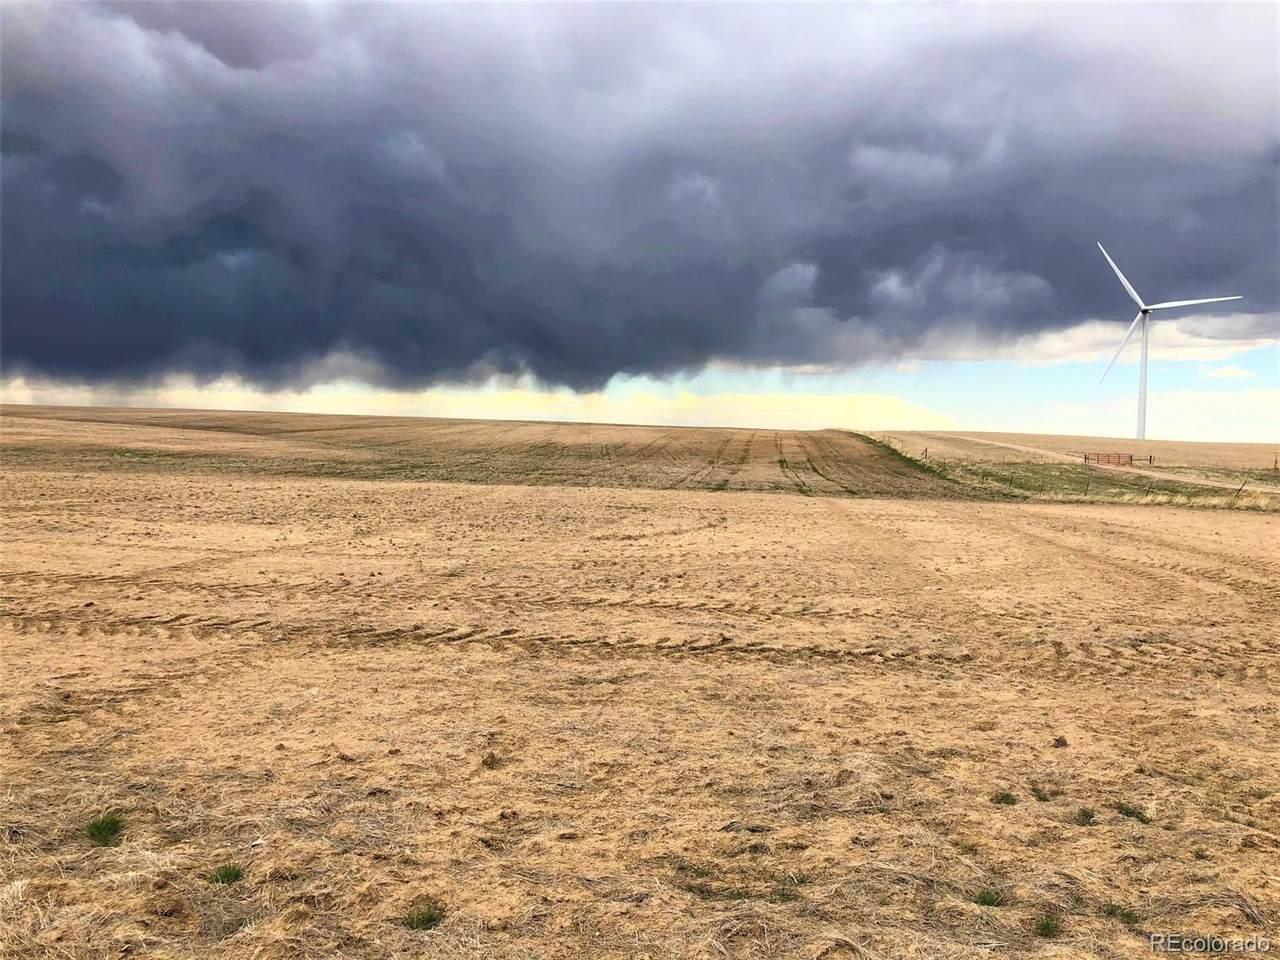 158 Acres - Dryland - Photo 1